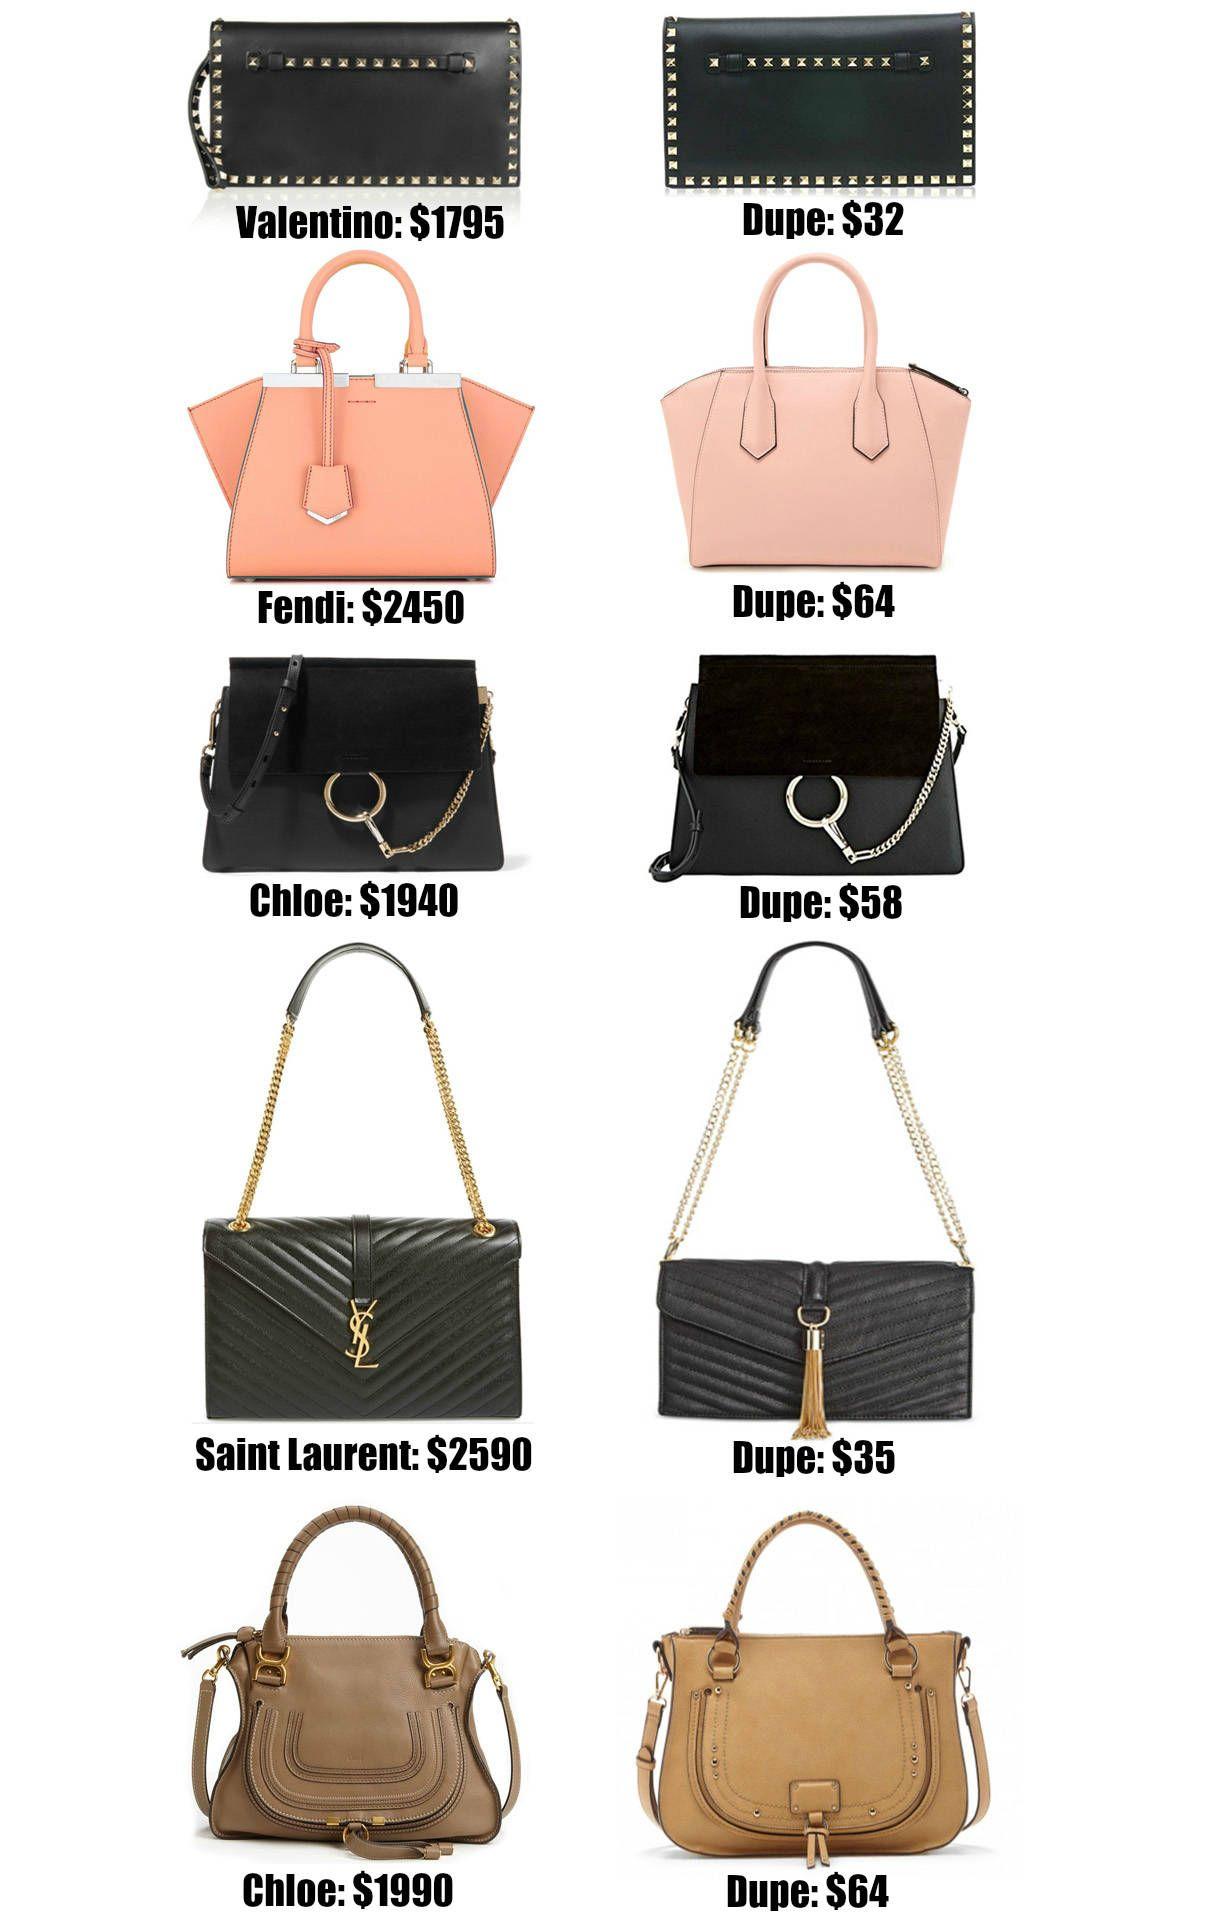 7d6ae2add7 Fashion blogger Mash Elle shares the ULTIMATE designer bag dupe guide! Over  20+ of the best designer dupes most under  50!